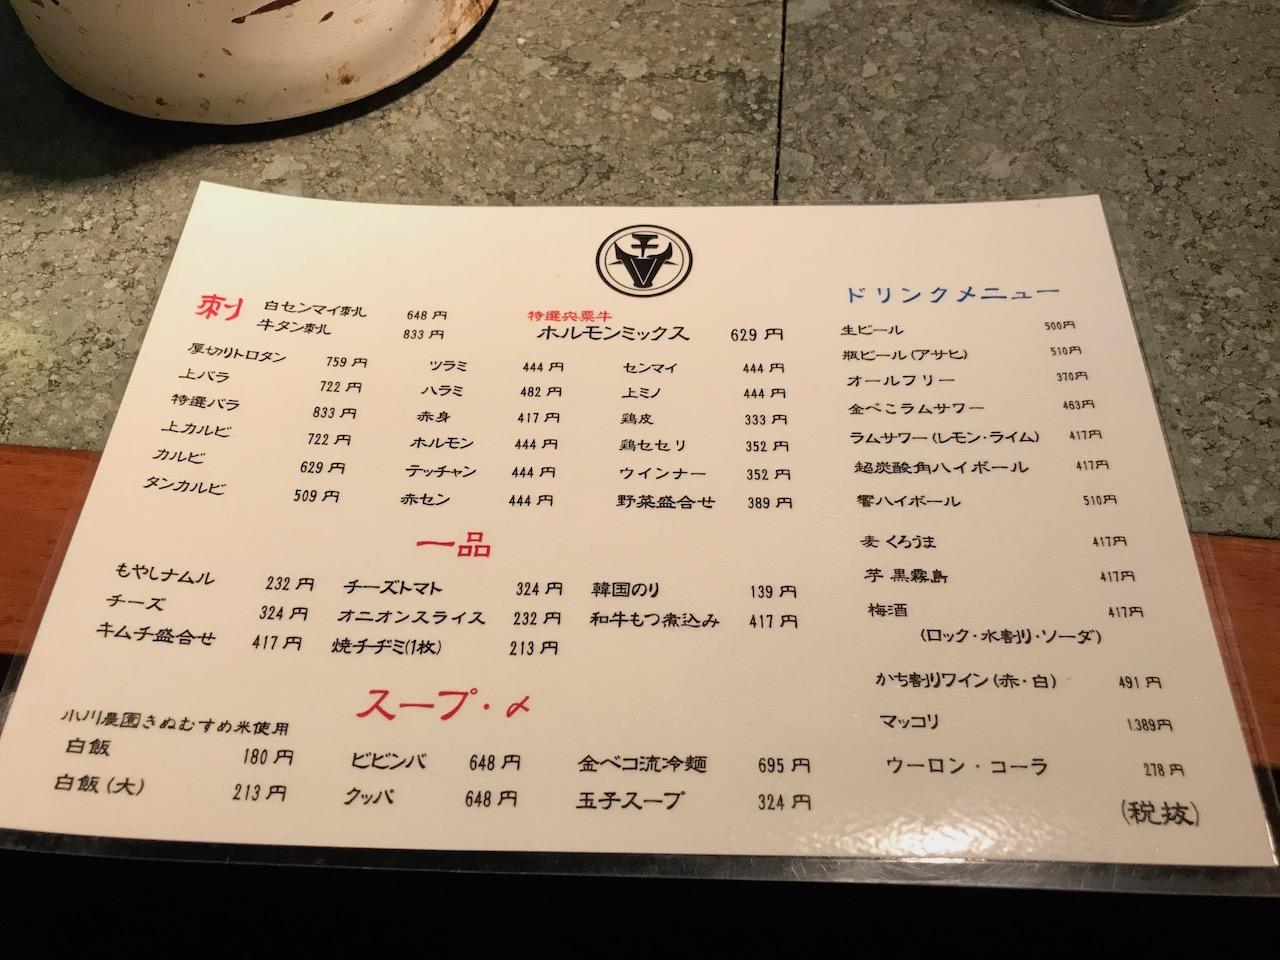 姫路駅前で本格七輪焼肉!「じごろ七輪焼肉 金べこ」が究極に美味しかった!